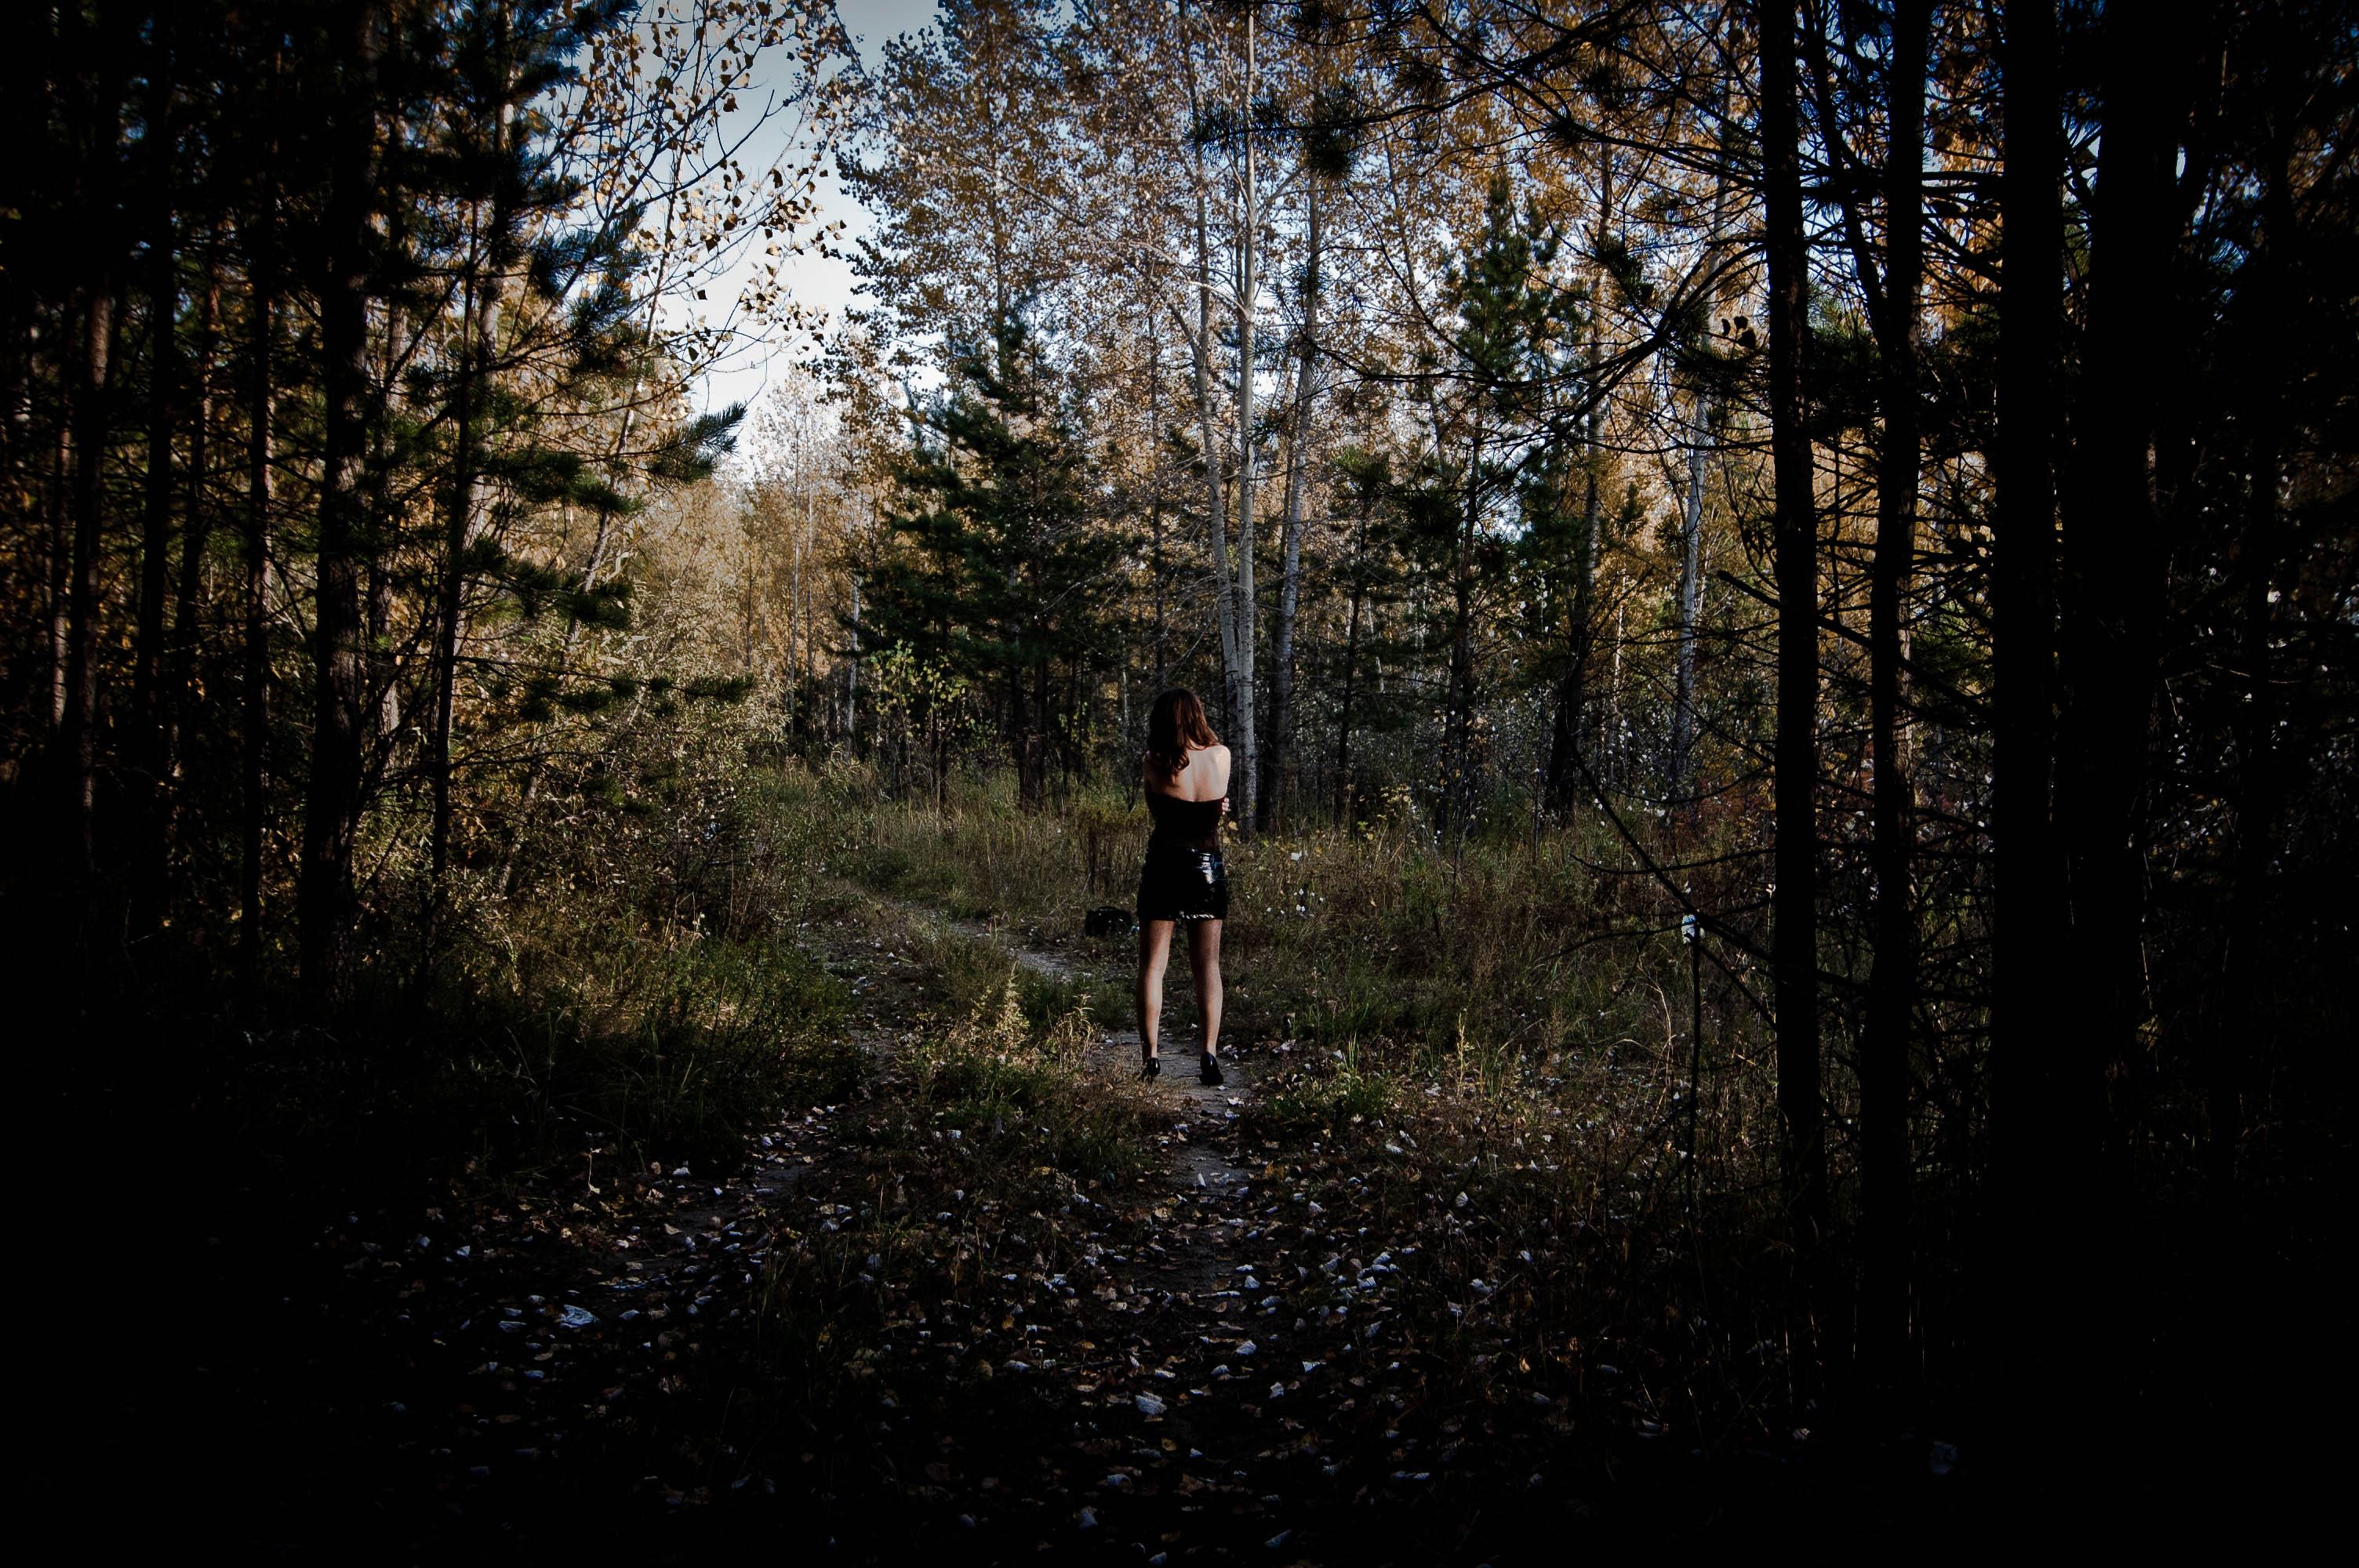 File In The Dark Woods 5107954480 Jpg